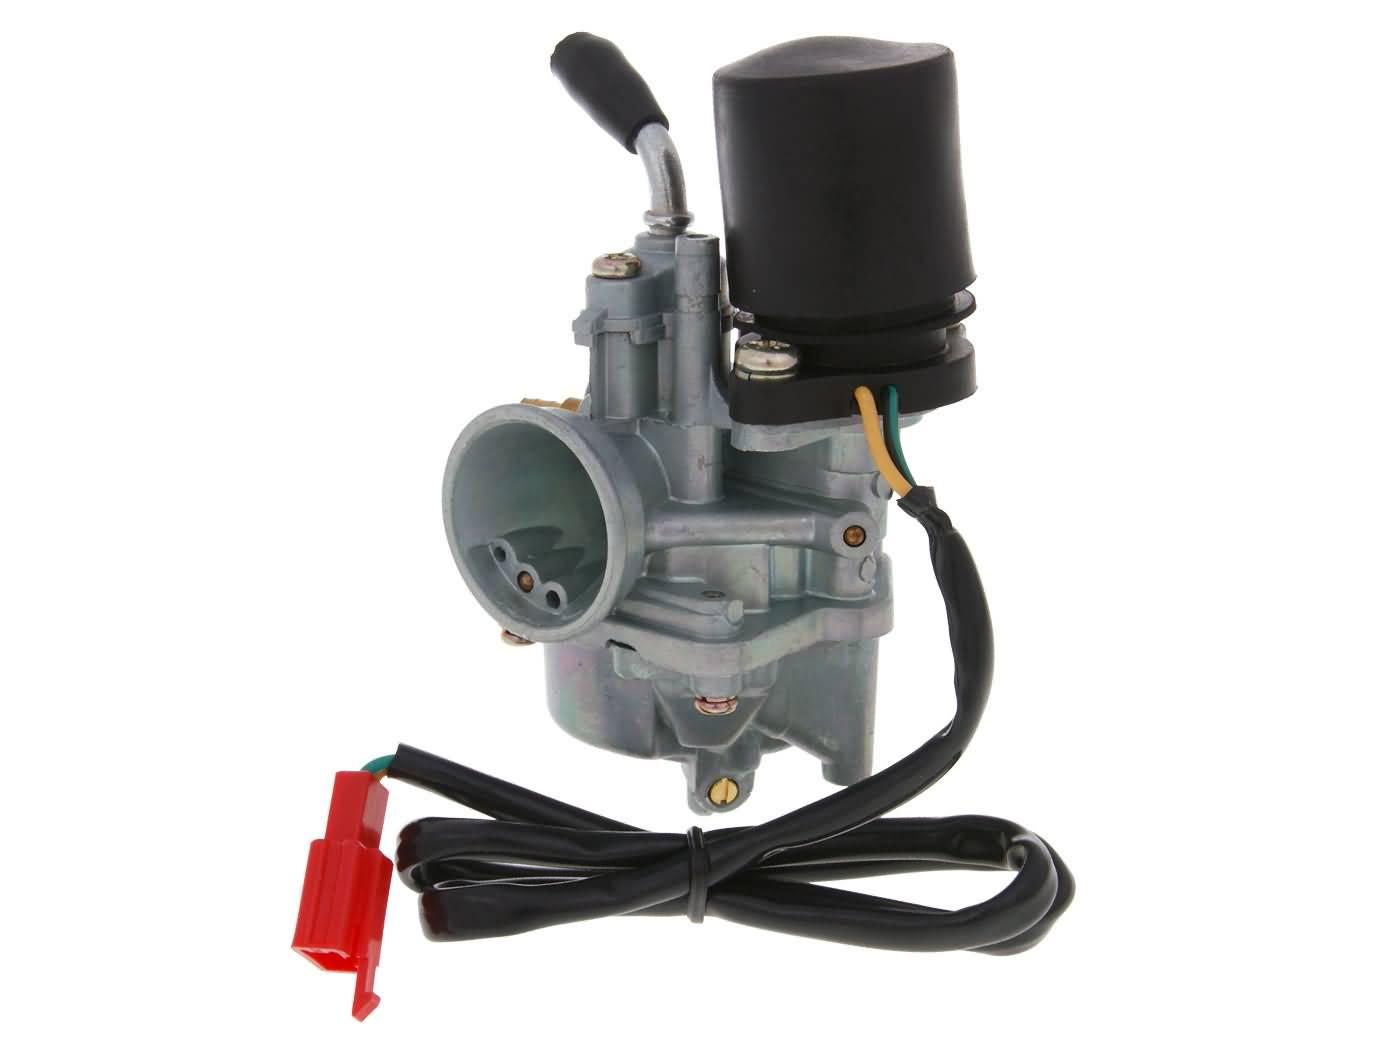 Carburetor For Minarelli Andretti Cpi Benelli Keeway Tng Pgo 50cc 2 Stroke Wiring Diagram